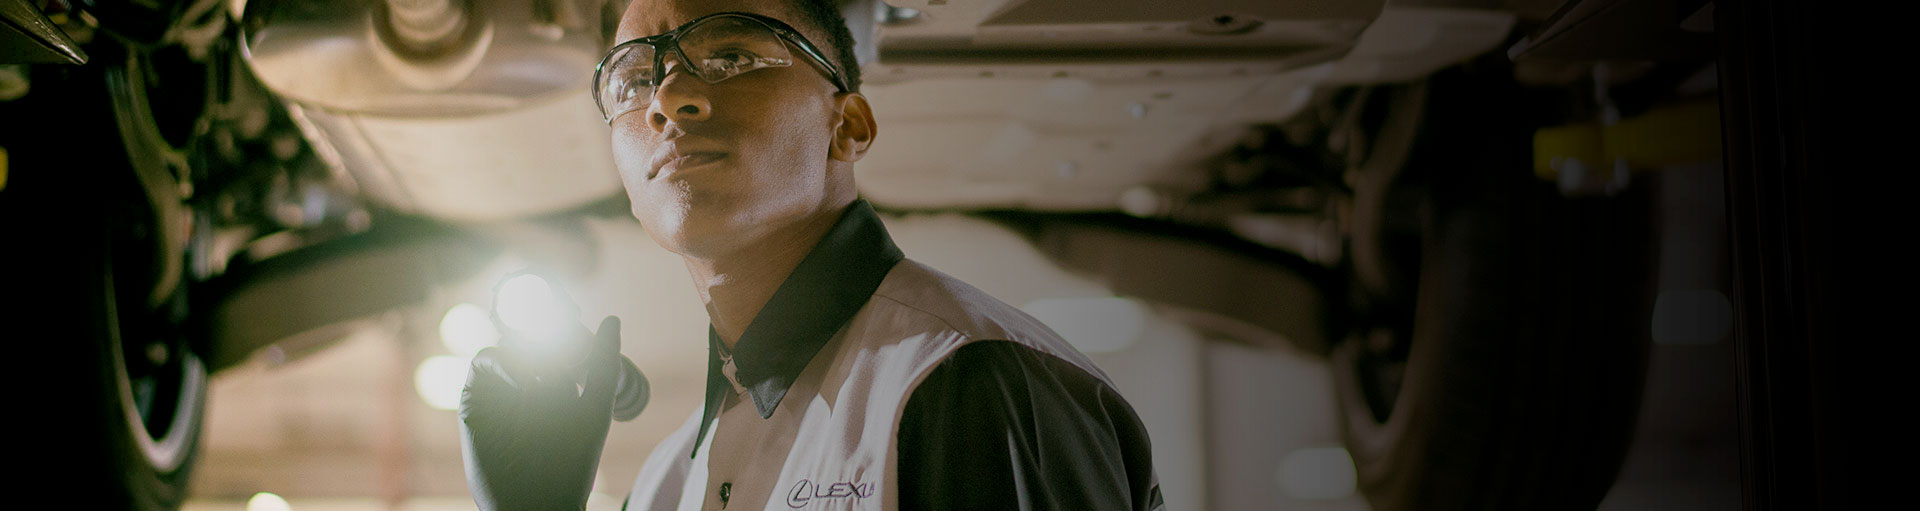 Lexus Oil Change Services